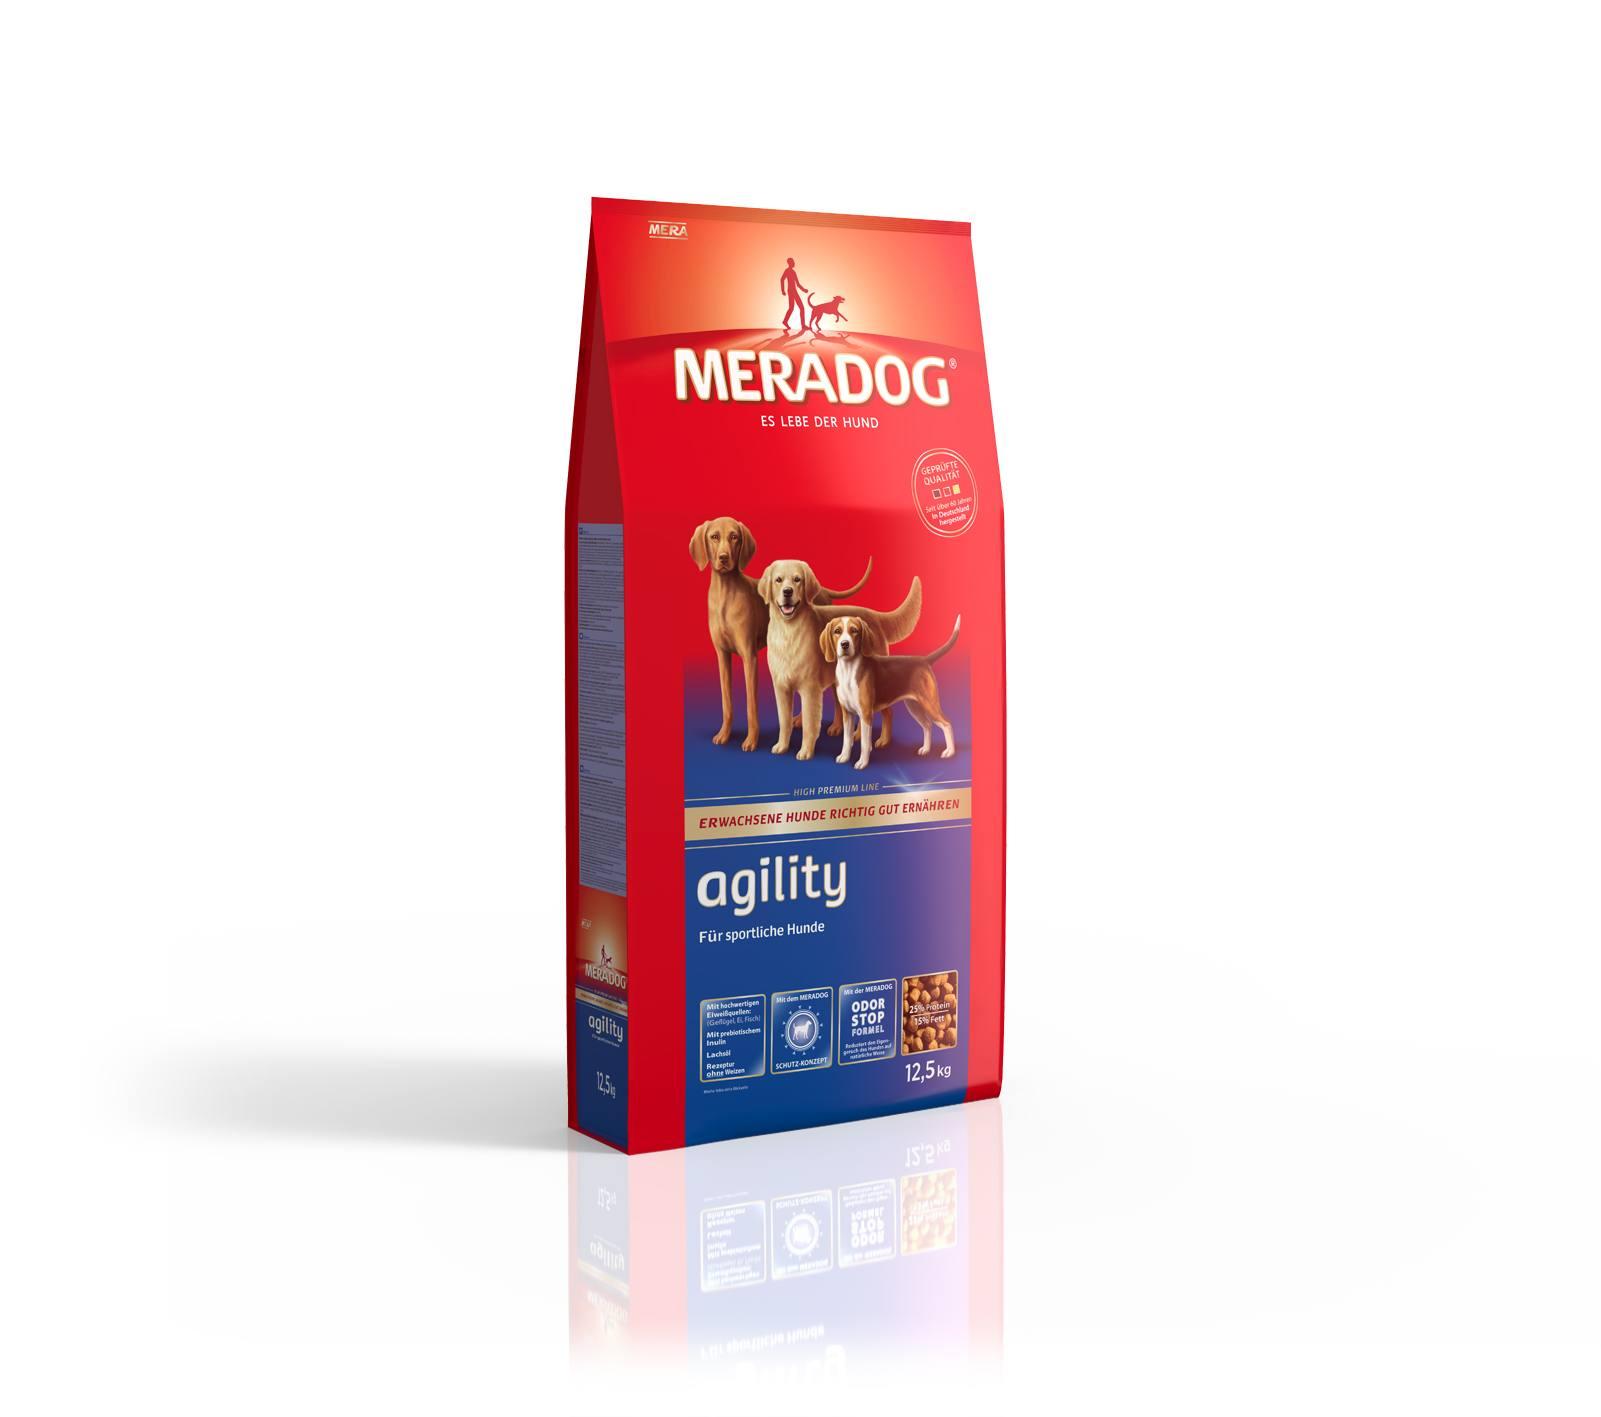 meradog agility 12 5 kg hundefutter von mera. Black Bedroom Furniture Sets. Home Design Ideas